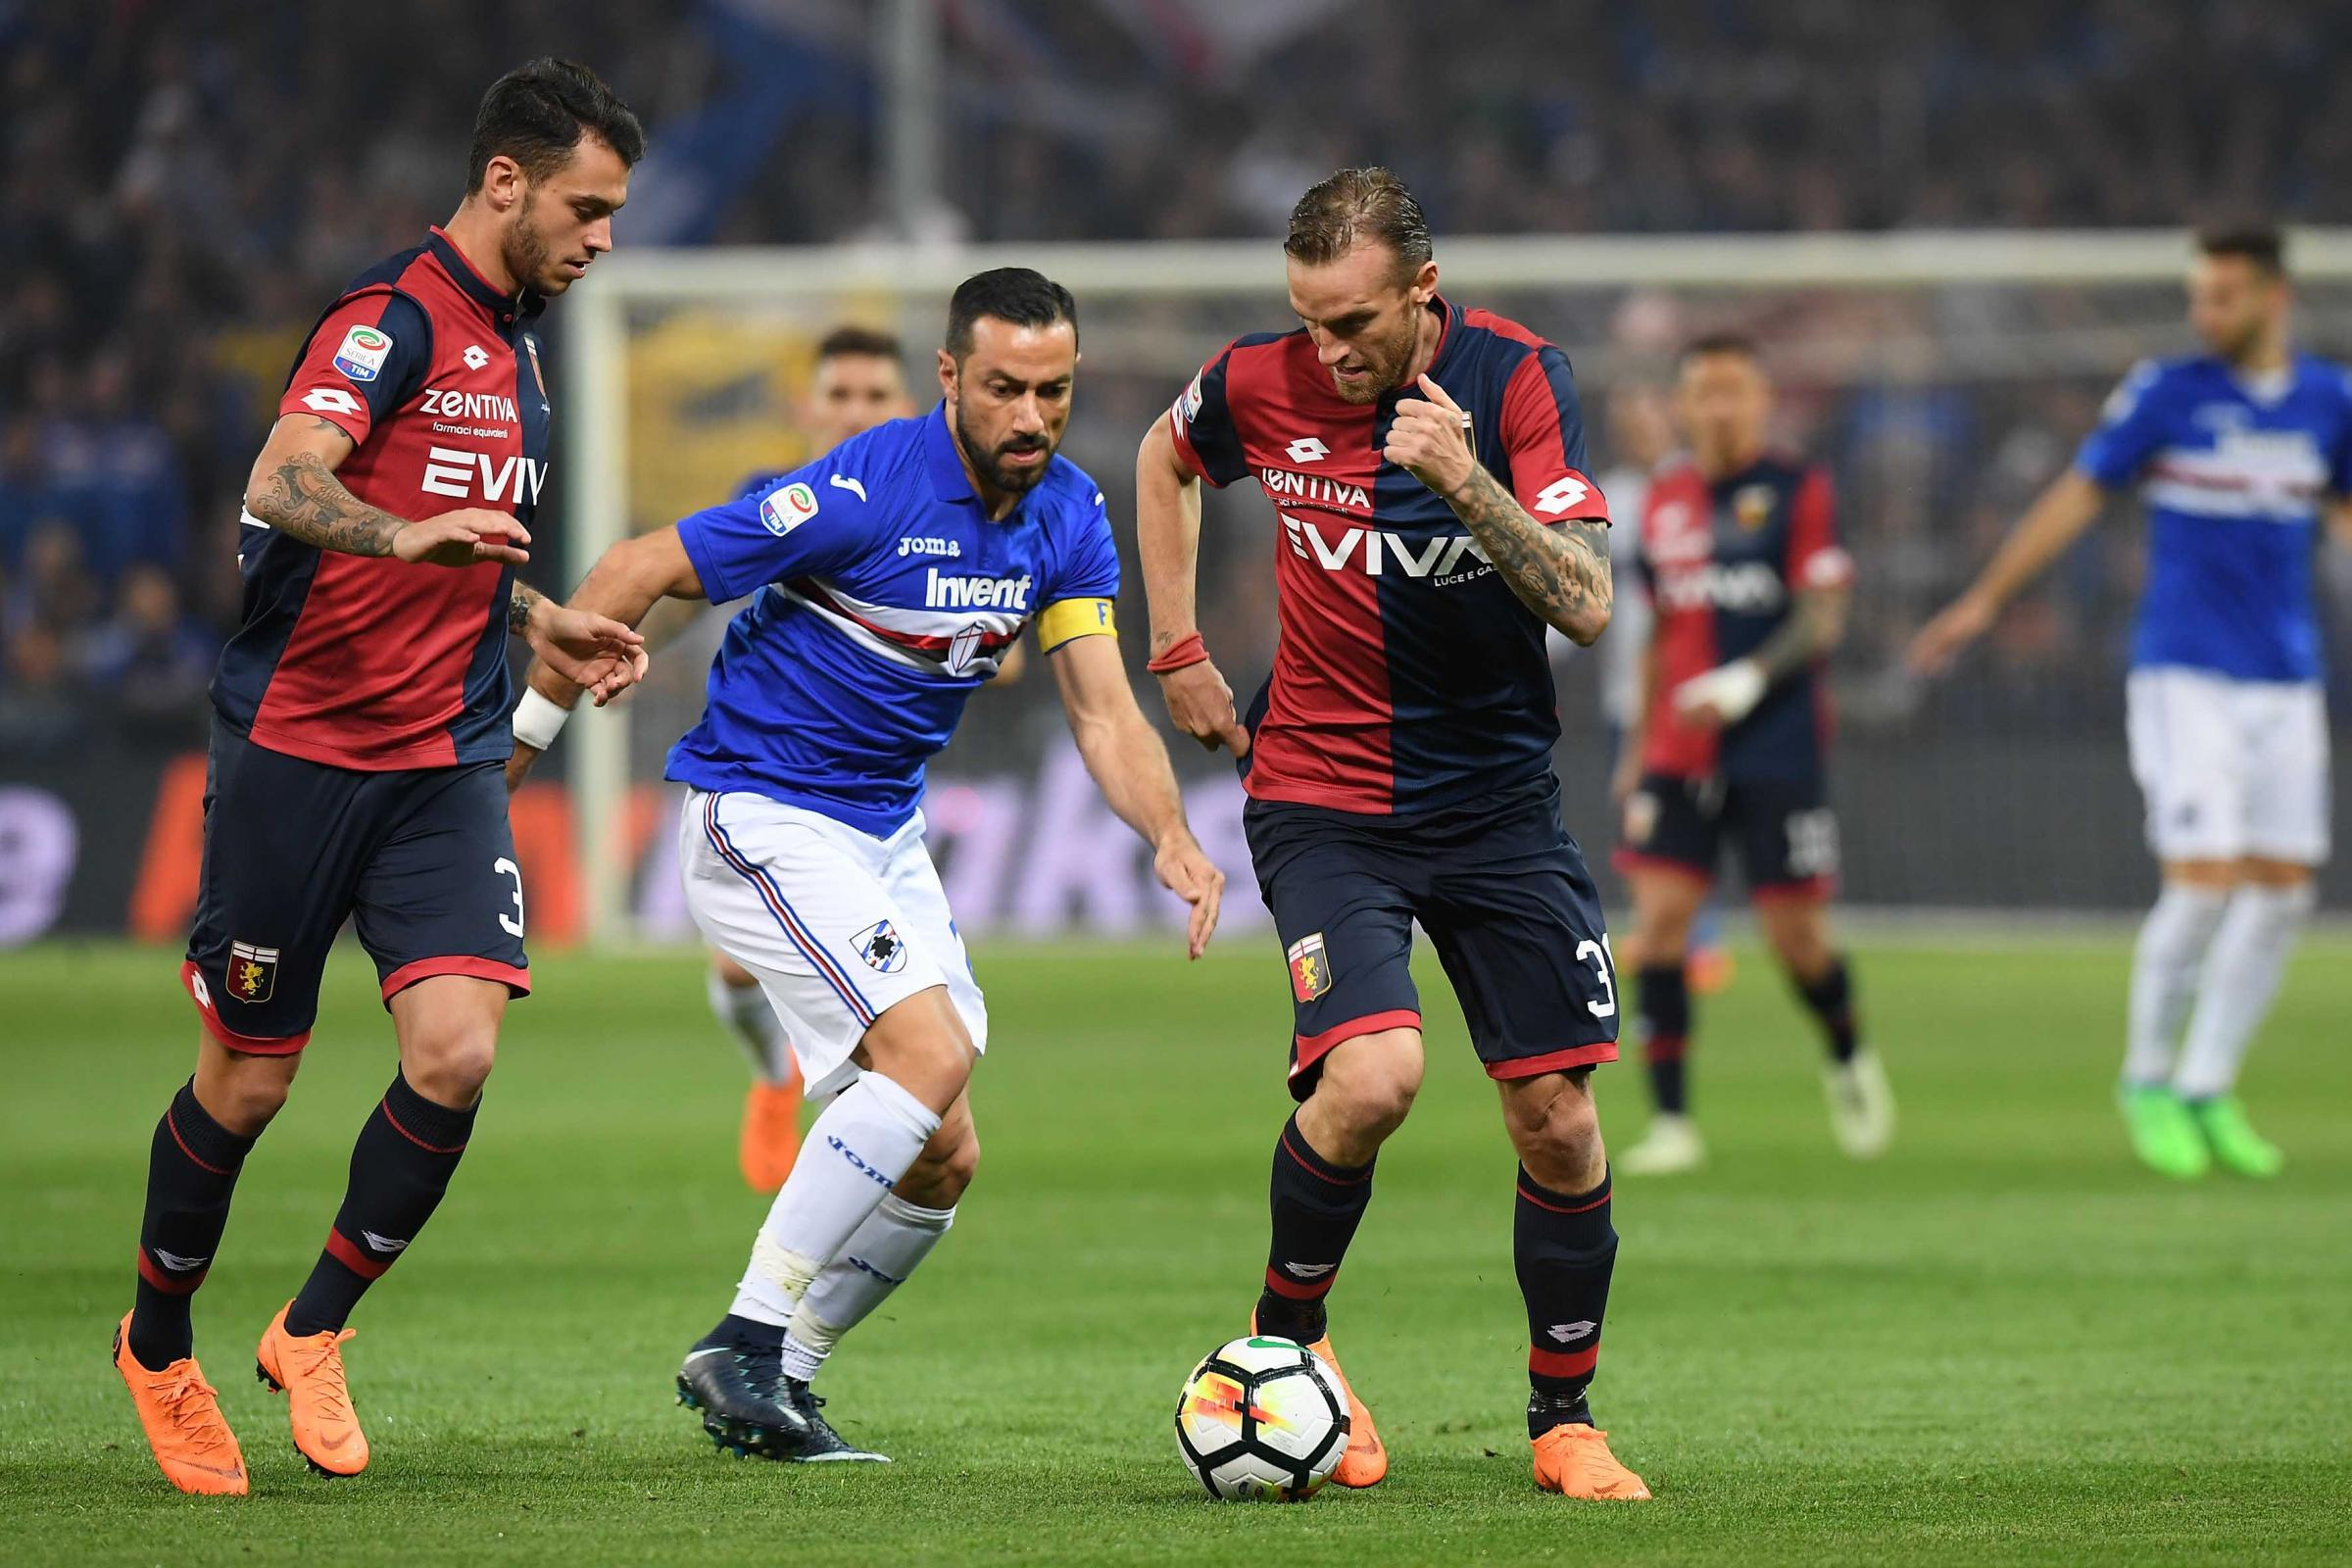 Serie A, Sampdoria-Genoa 0-0: senza reti il derby della Lanterna